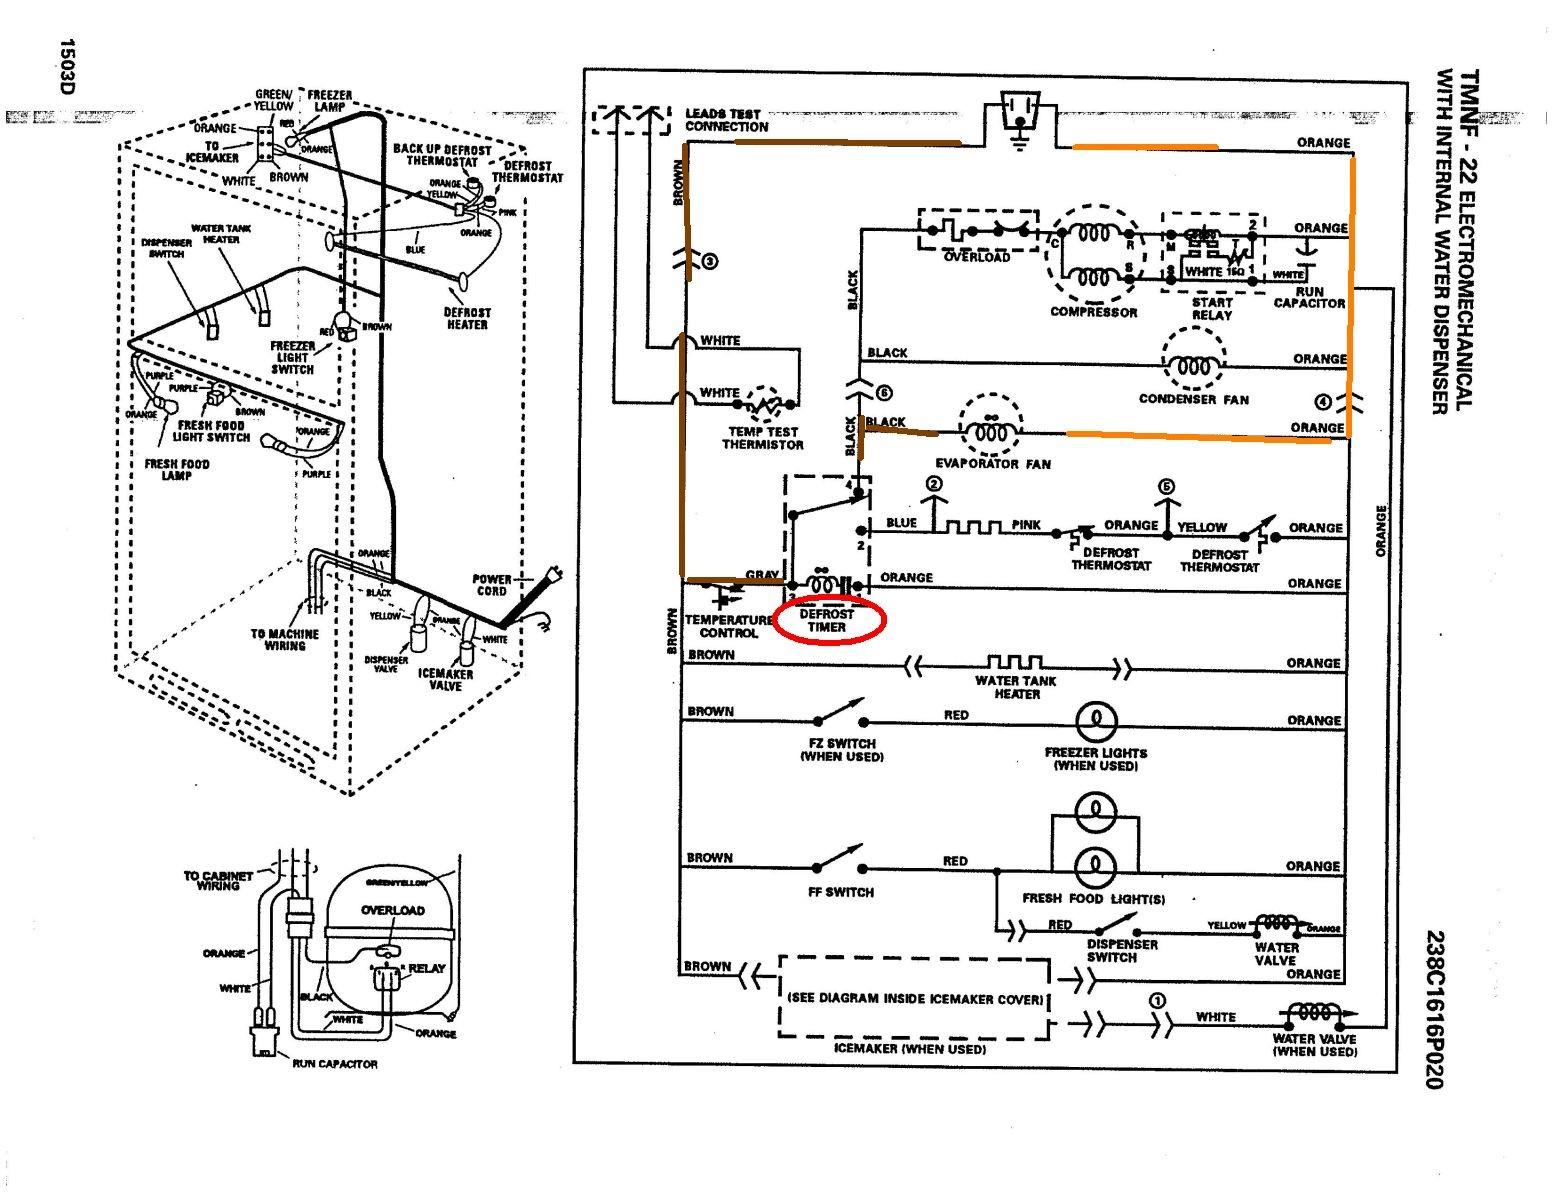 Wiring Diagram Ge Refrigerator GE Profile Mesmerizing